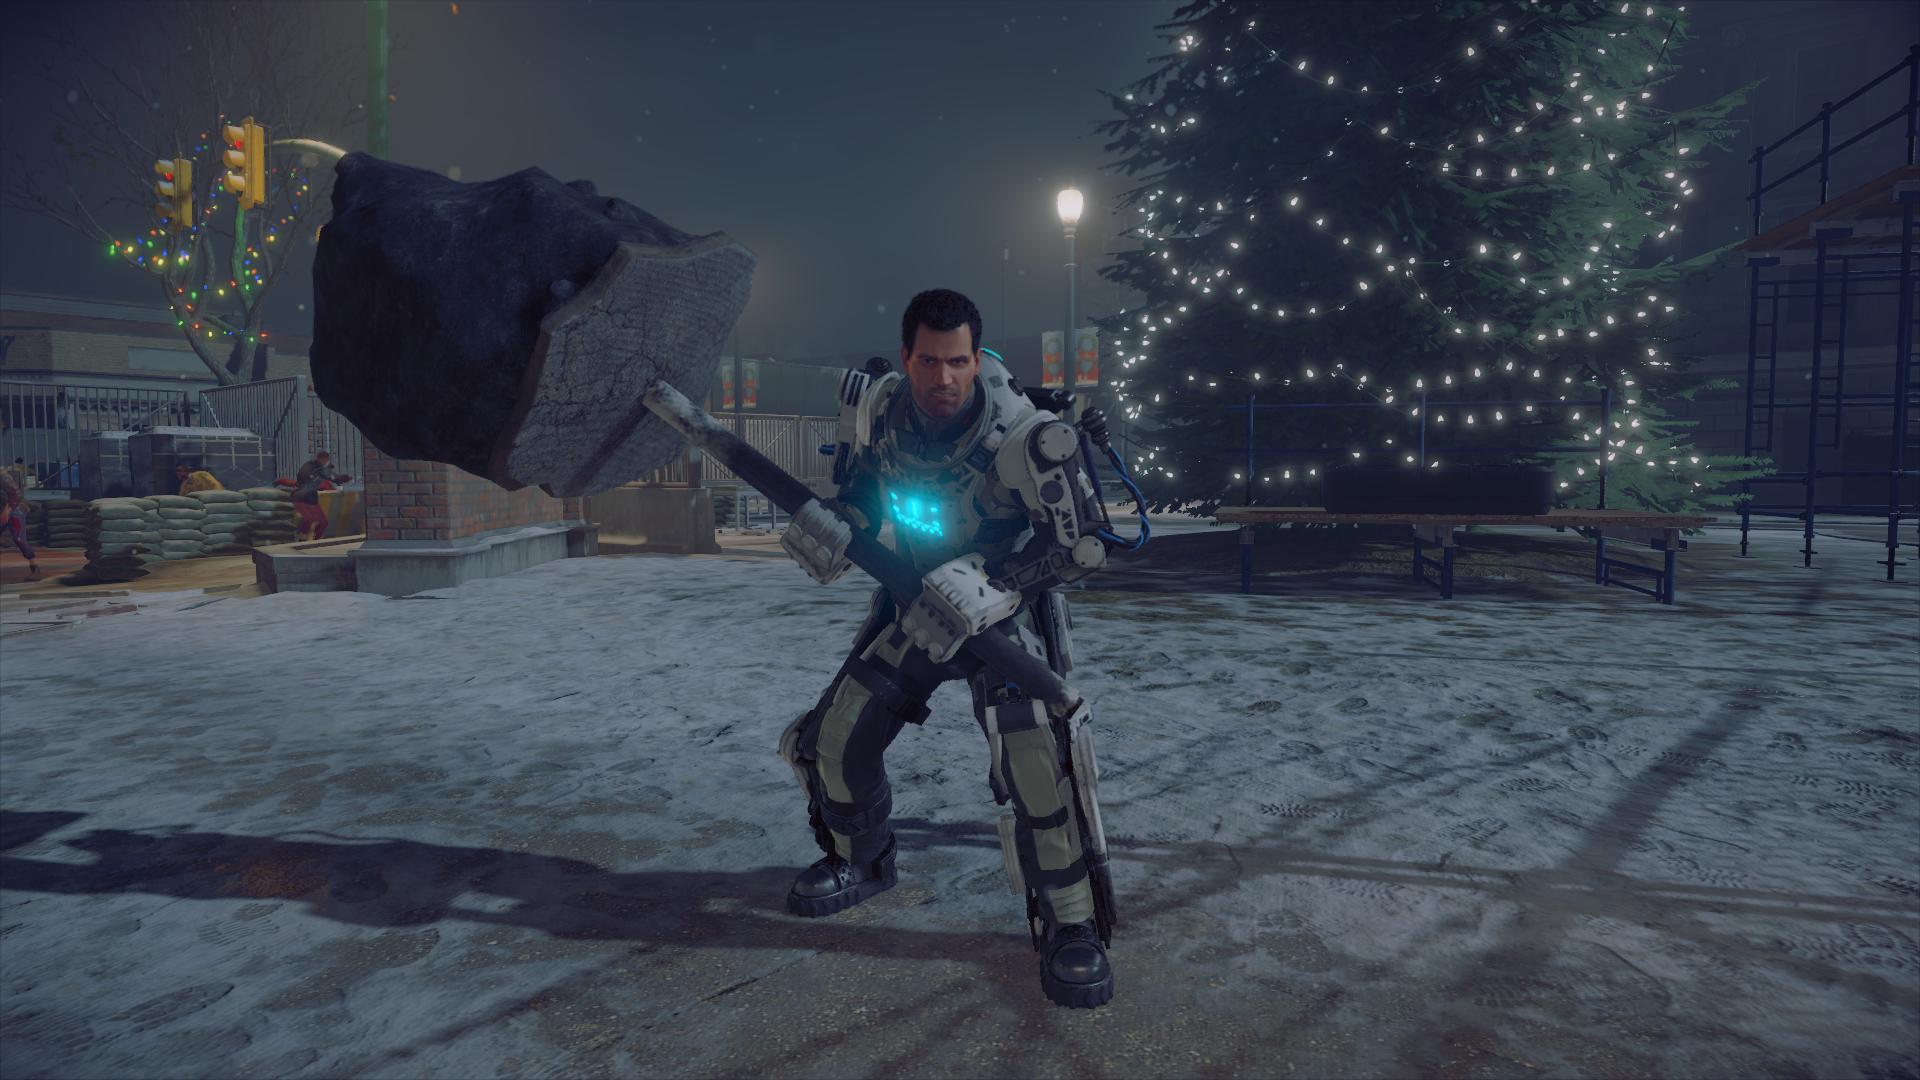 Dead Rising 4: fotos e GIFs vazados mostram que game está ainda mais louco